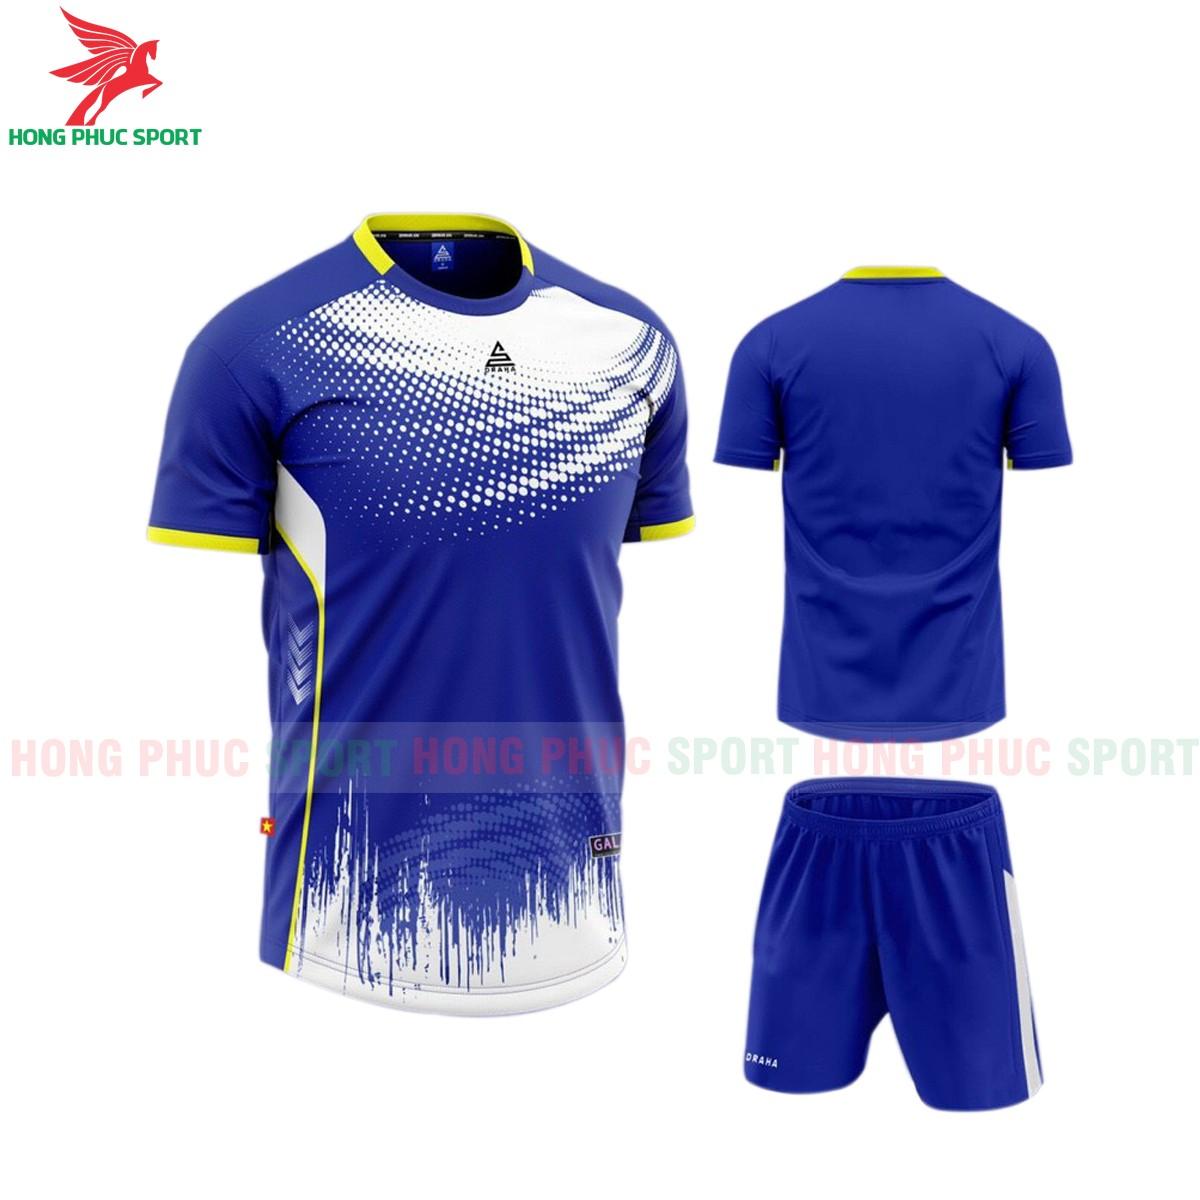 Ao-da-bong-khong-logo-Draha-Galaxy-2021-mau-xanh-duong